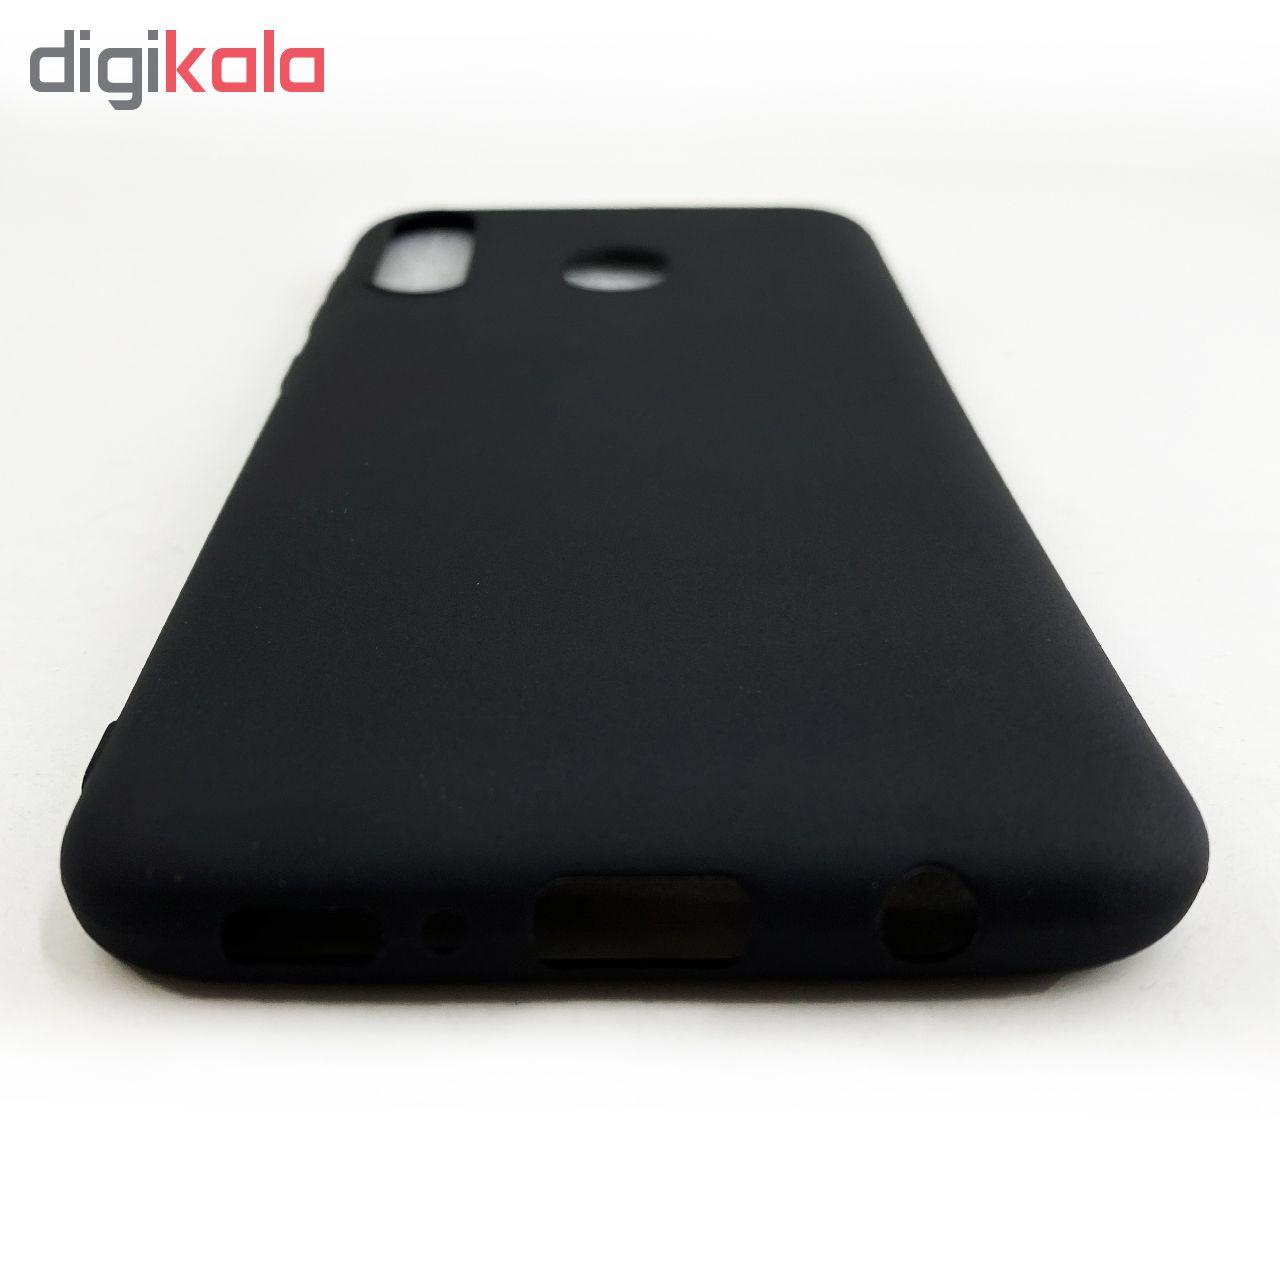 کاور مدل Zhl مناسب برای گوشی موبایل سامسونگ Galaxy M30 main 1 2